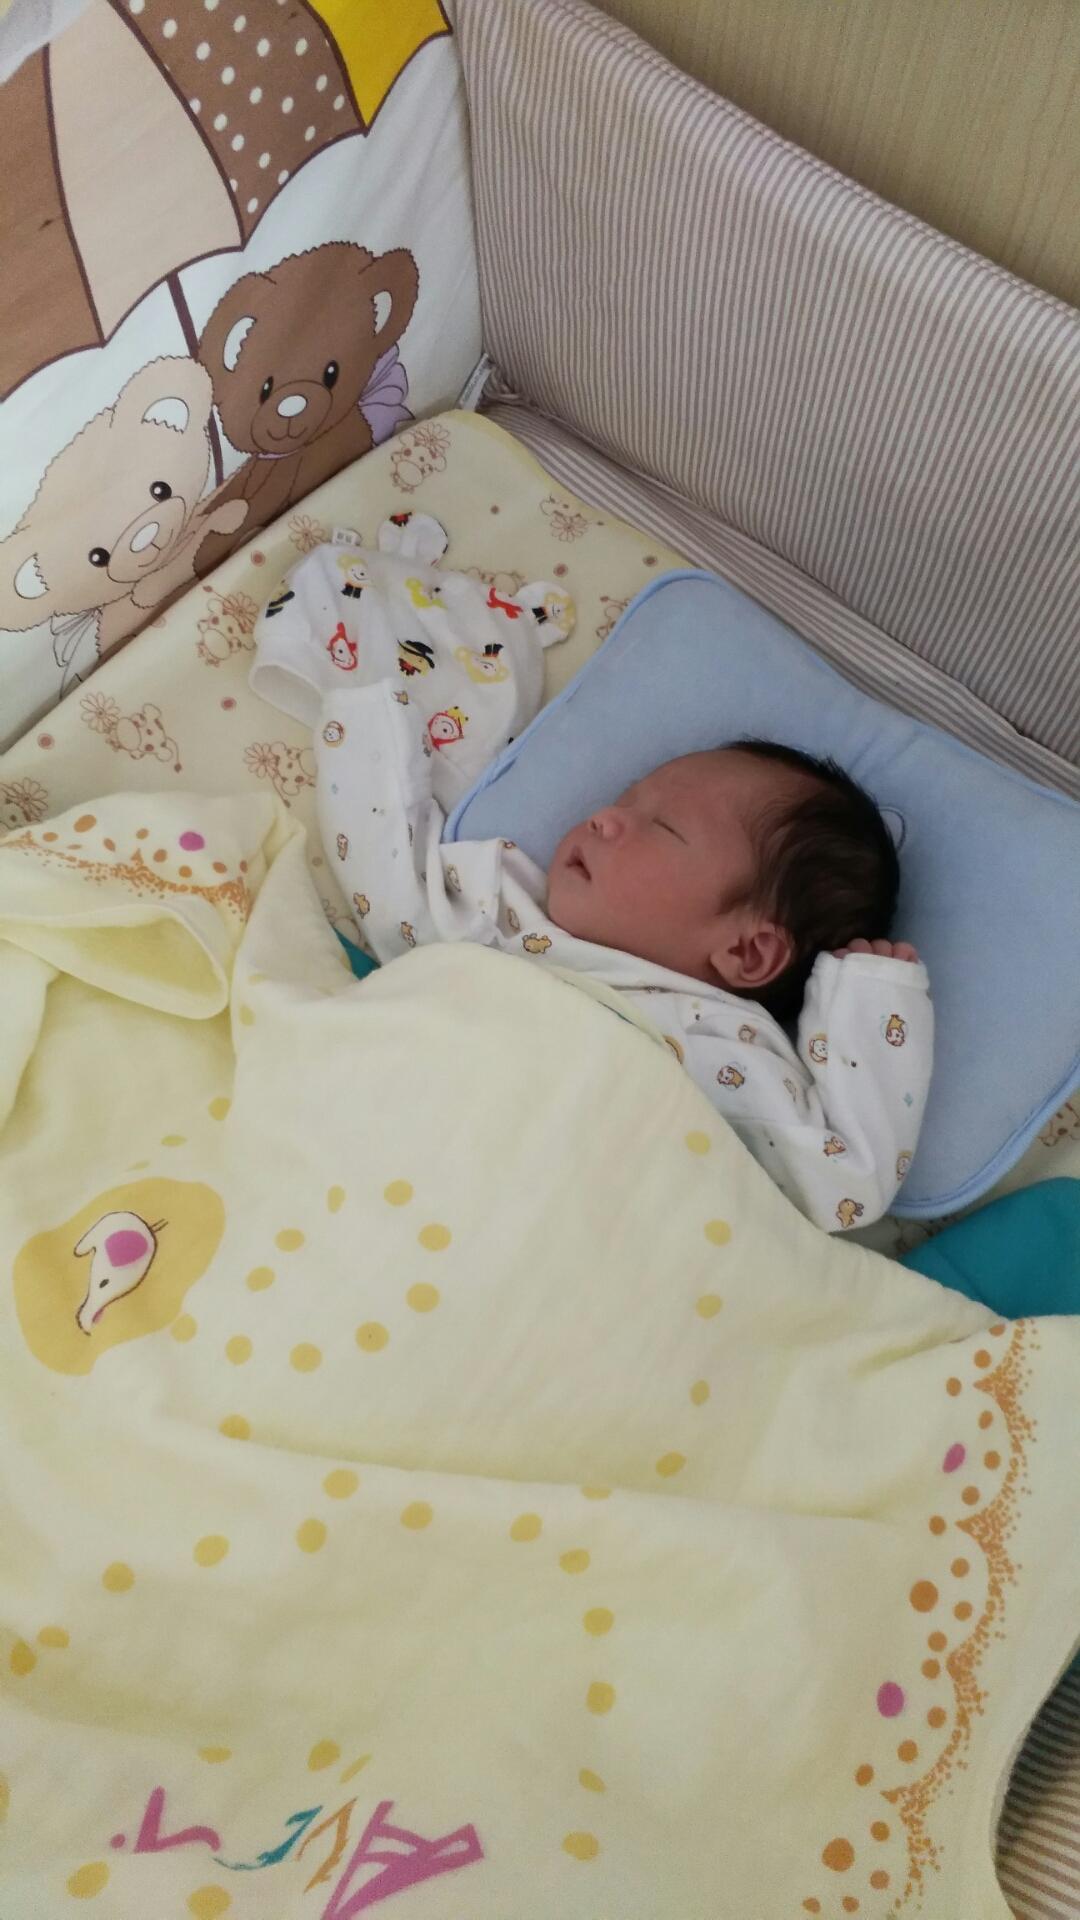 前段时间宝宝的头型睡得有点尖了,所以就让他图解梢怎么卷杠子烫发图片